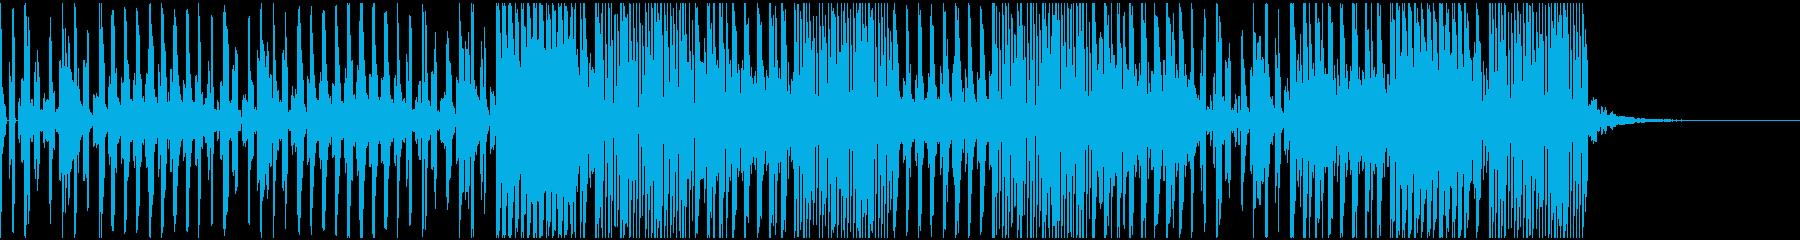 ポップで切ない感じのテクノサウンドの再生済みの波形